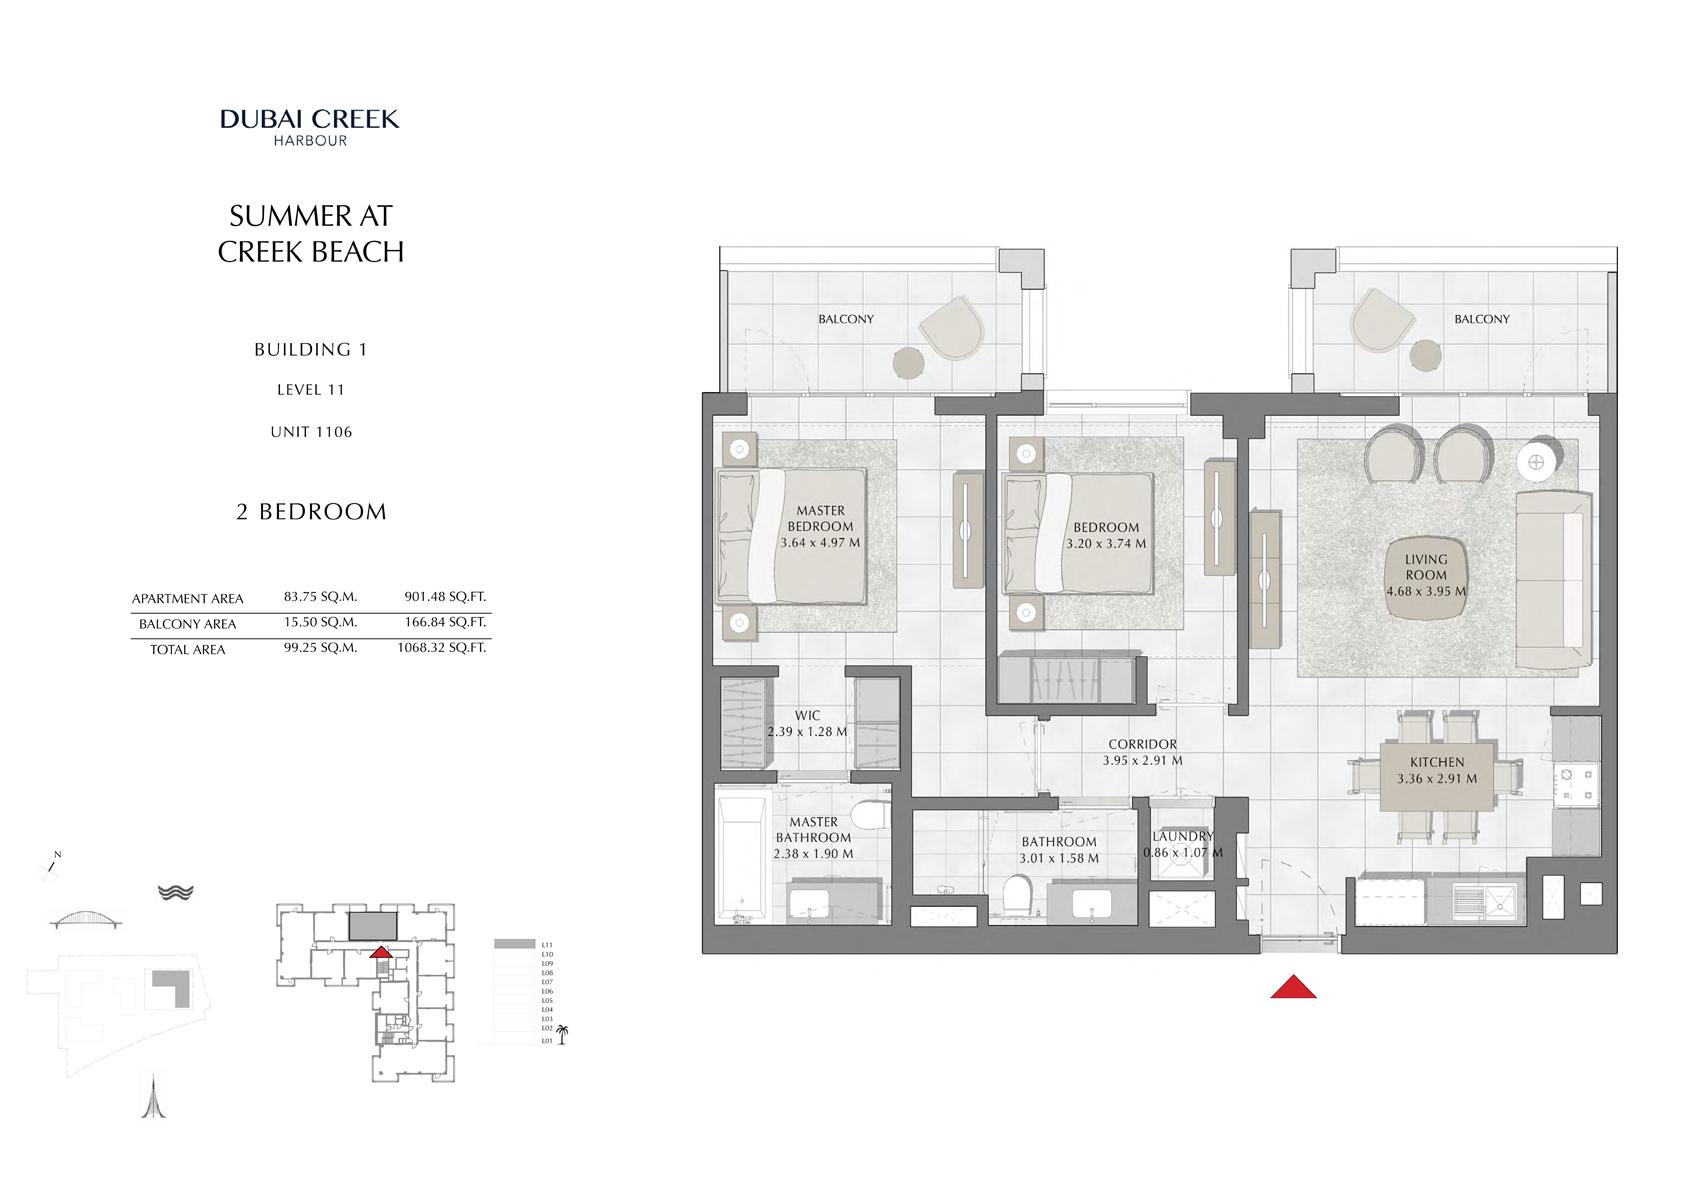 2 Br Building 1 Level 11 Unit 1106, Size 1068 Sq Ft